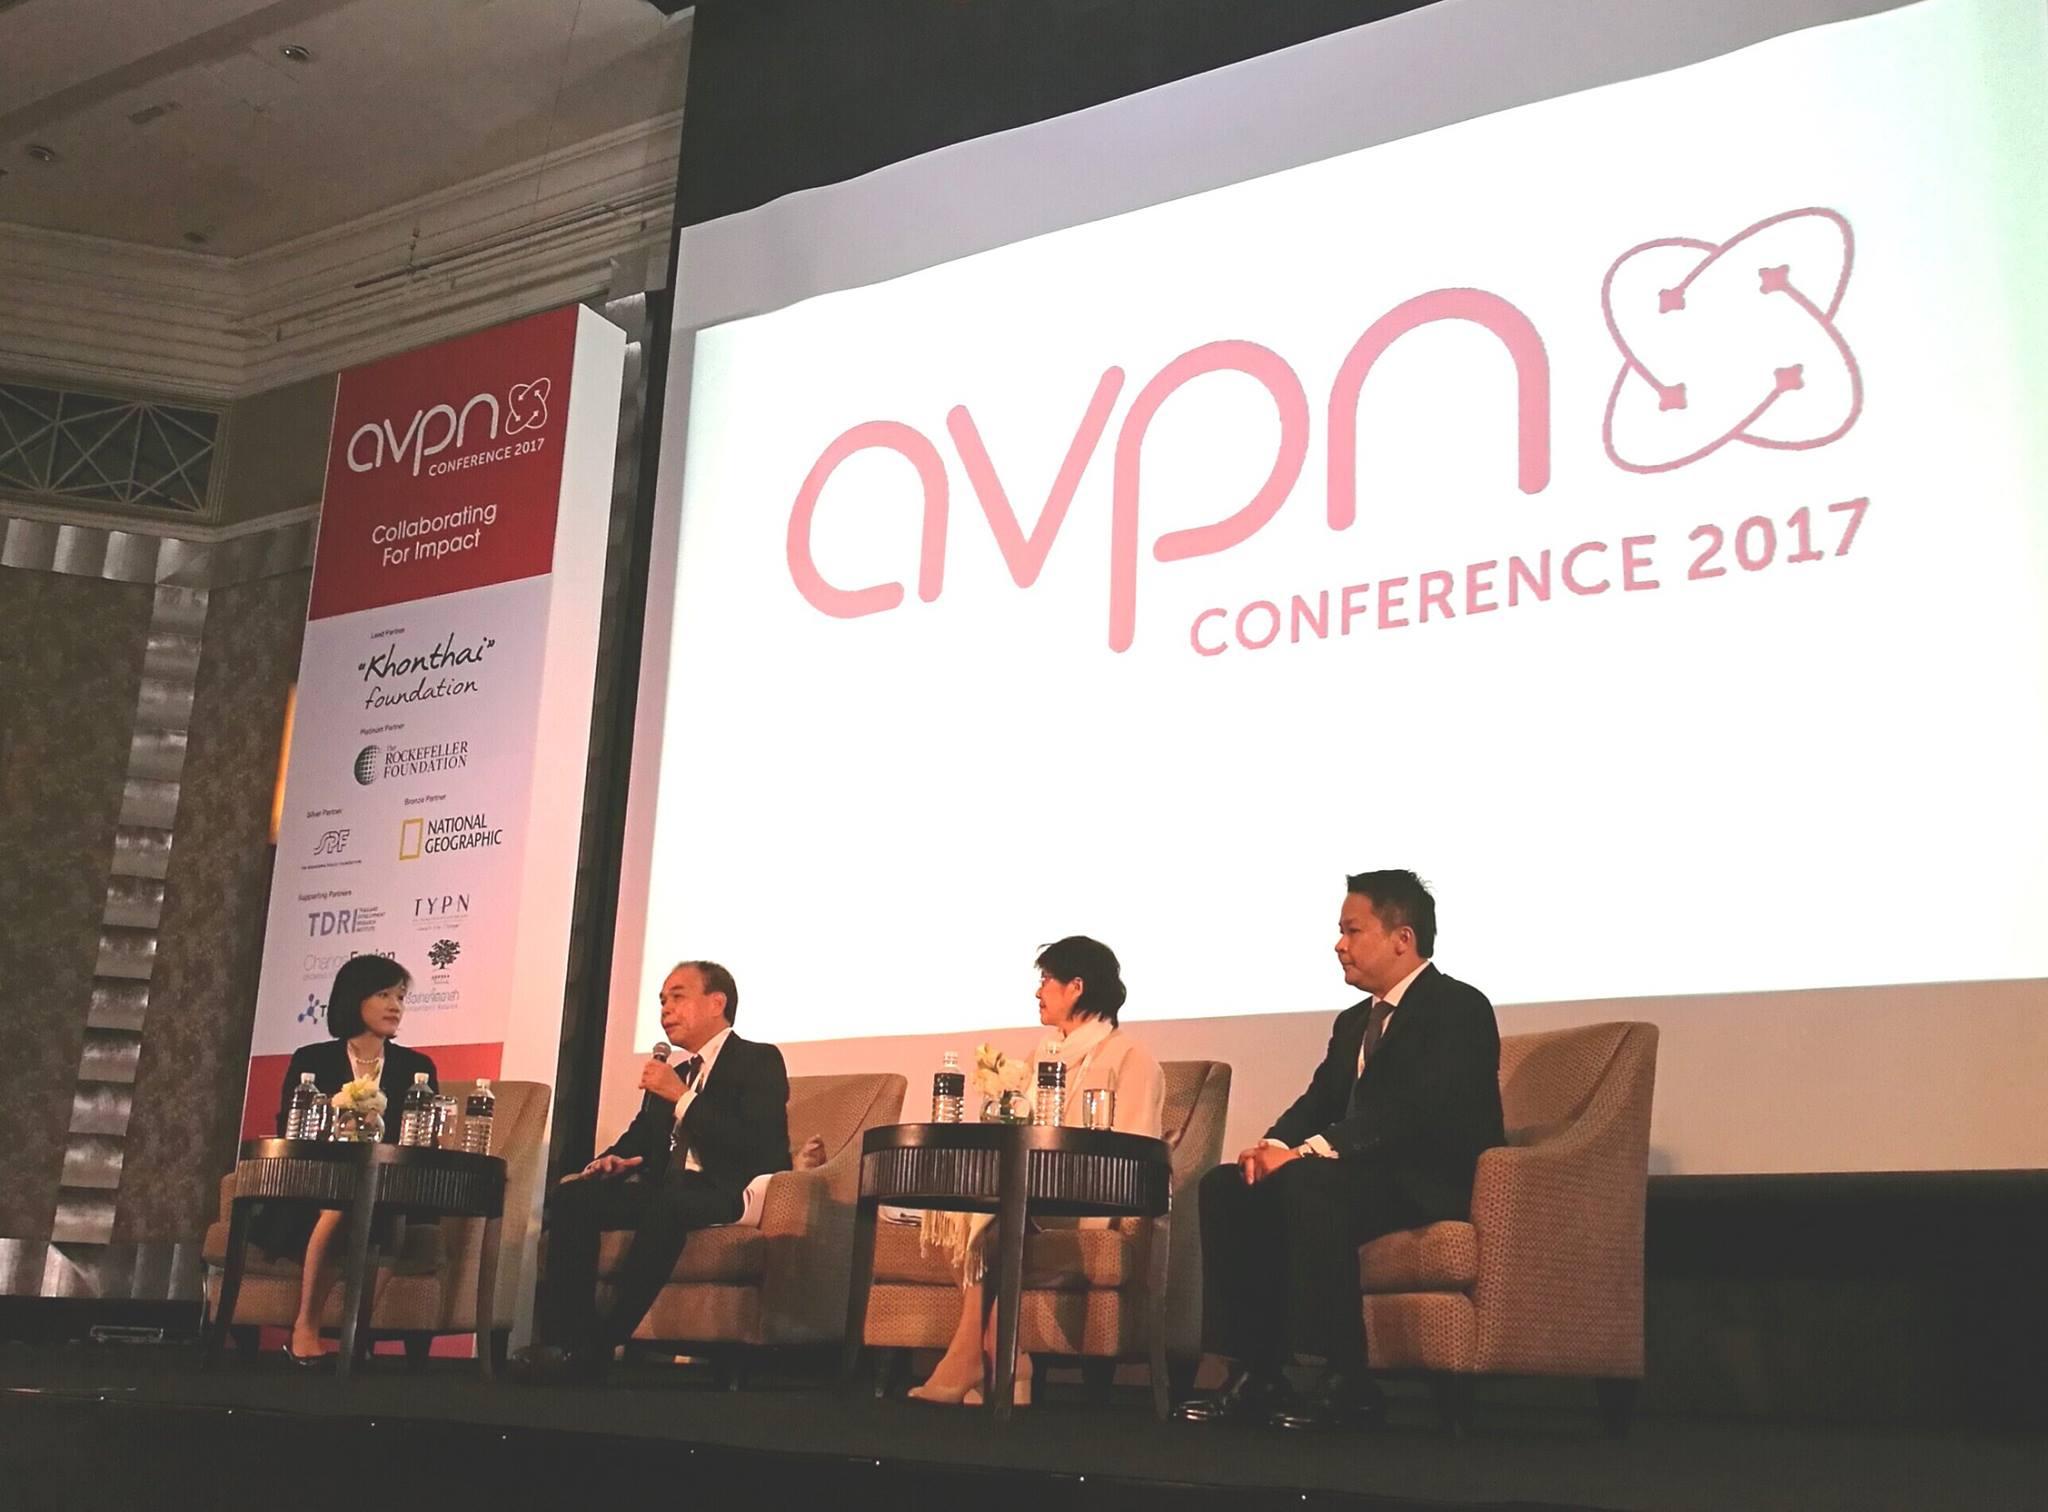 กองทุนรวม คนไทยใจดี ขึ้นเวที AVPN Conference 2017